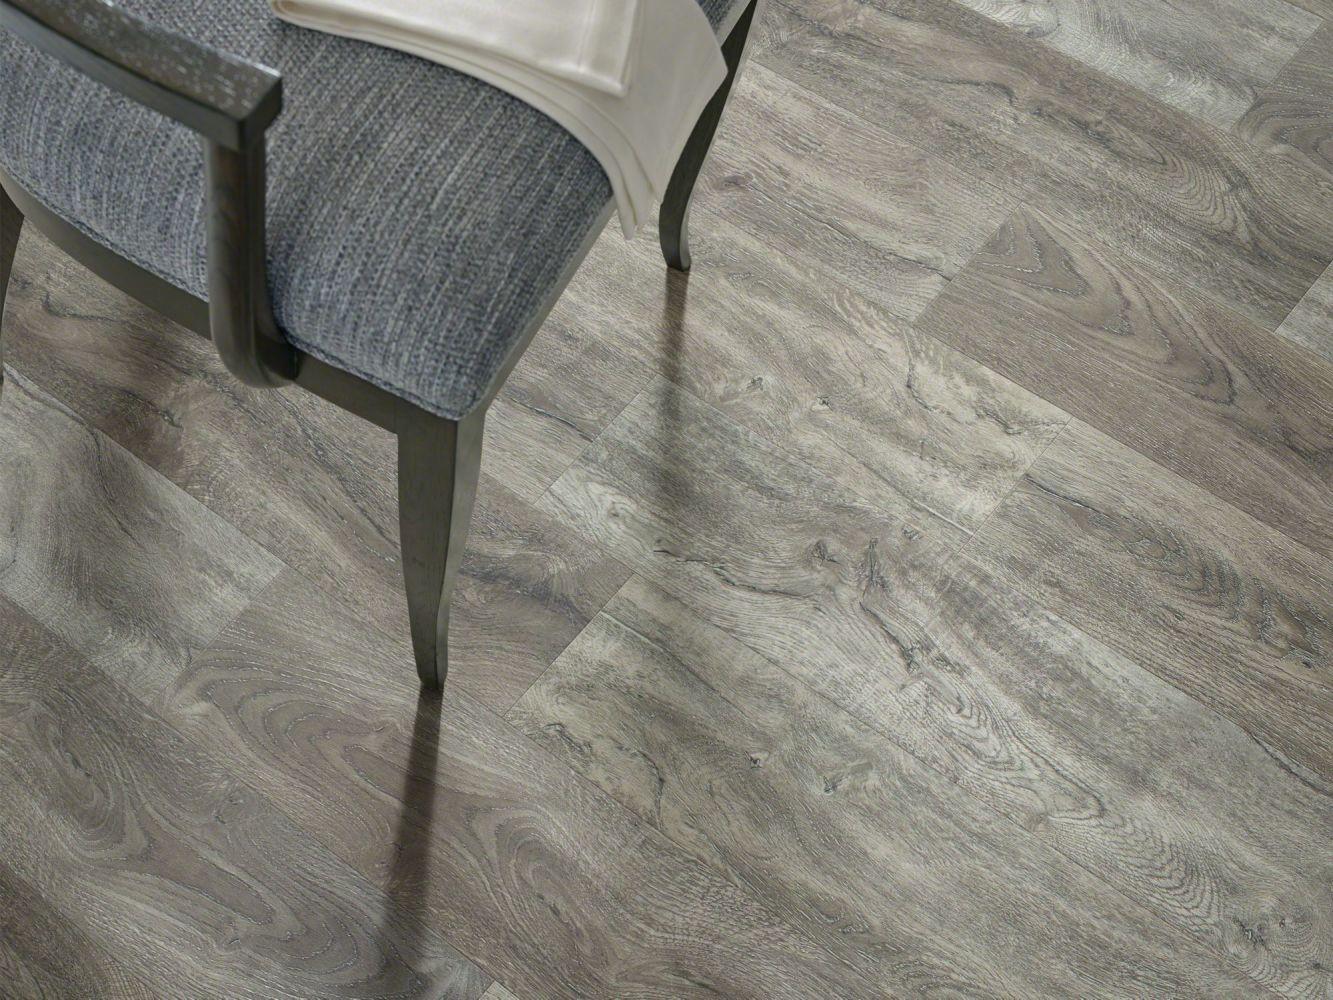 Shaw Floors Resilient Residential Mojave HD Plus Giardino 05049_0461V